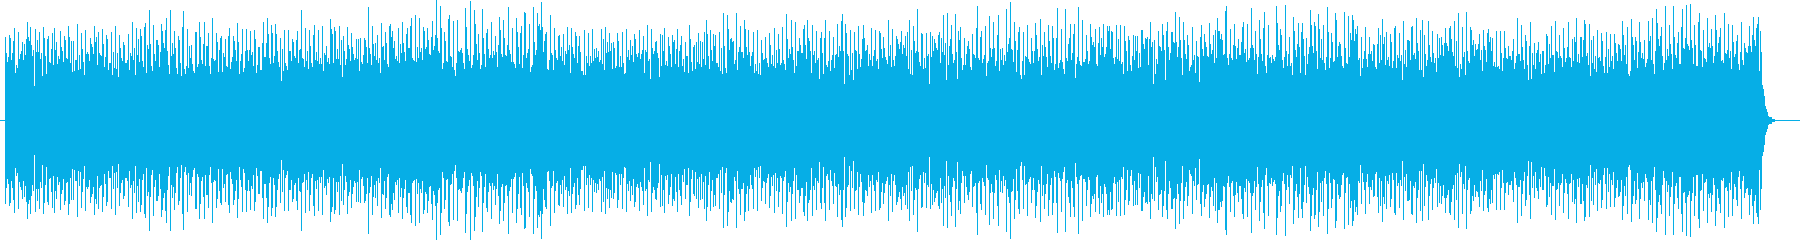 緊迫感漂う音色の早いテンポが特徴のテクノの再生済みの波形